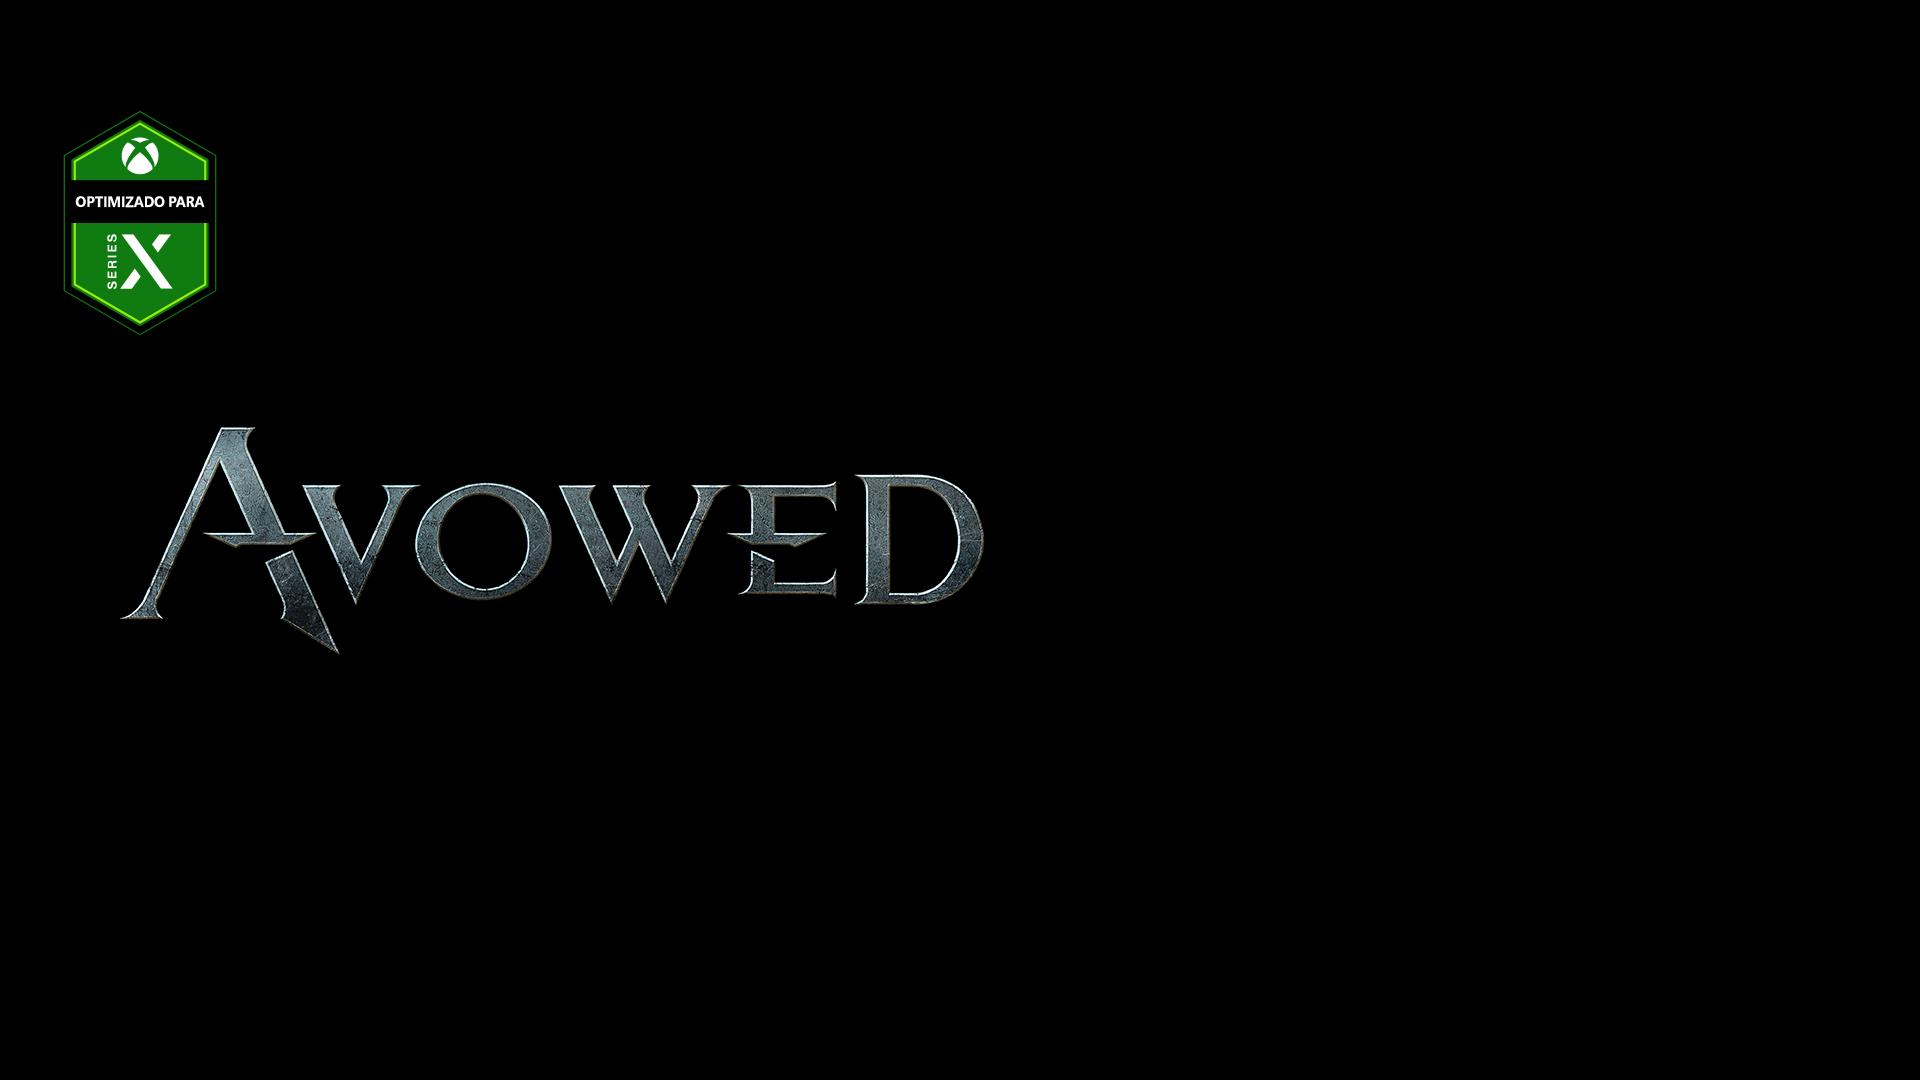 Logotipo de Avowed